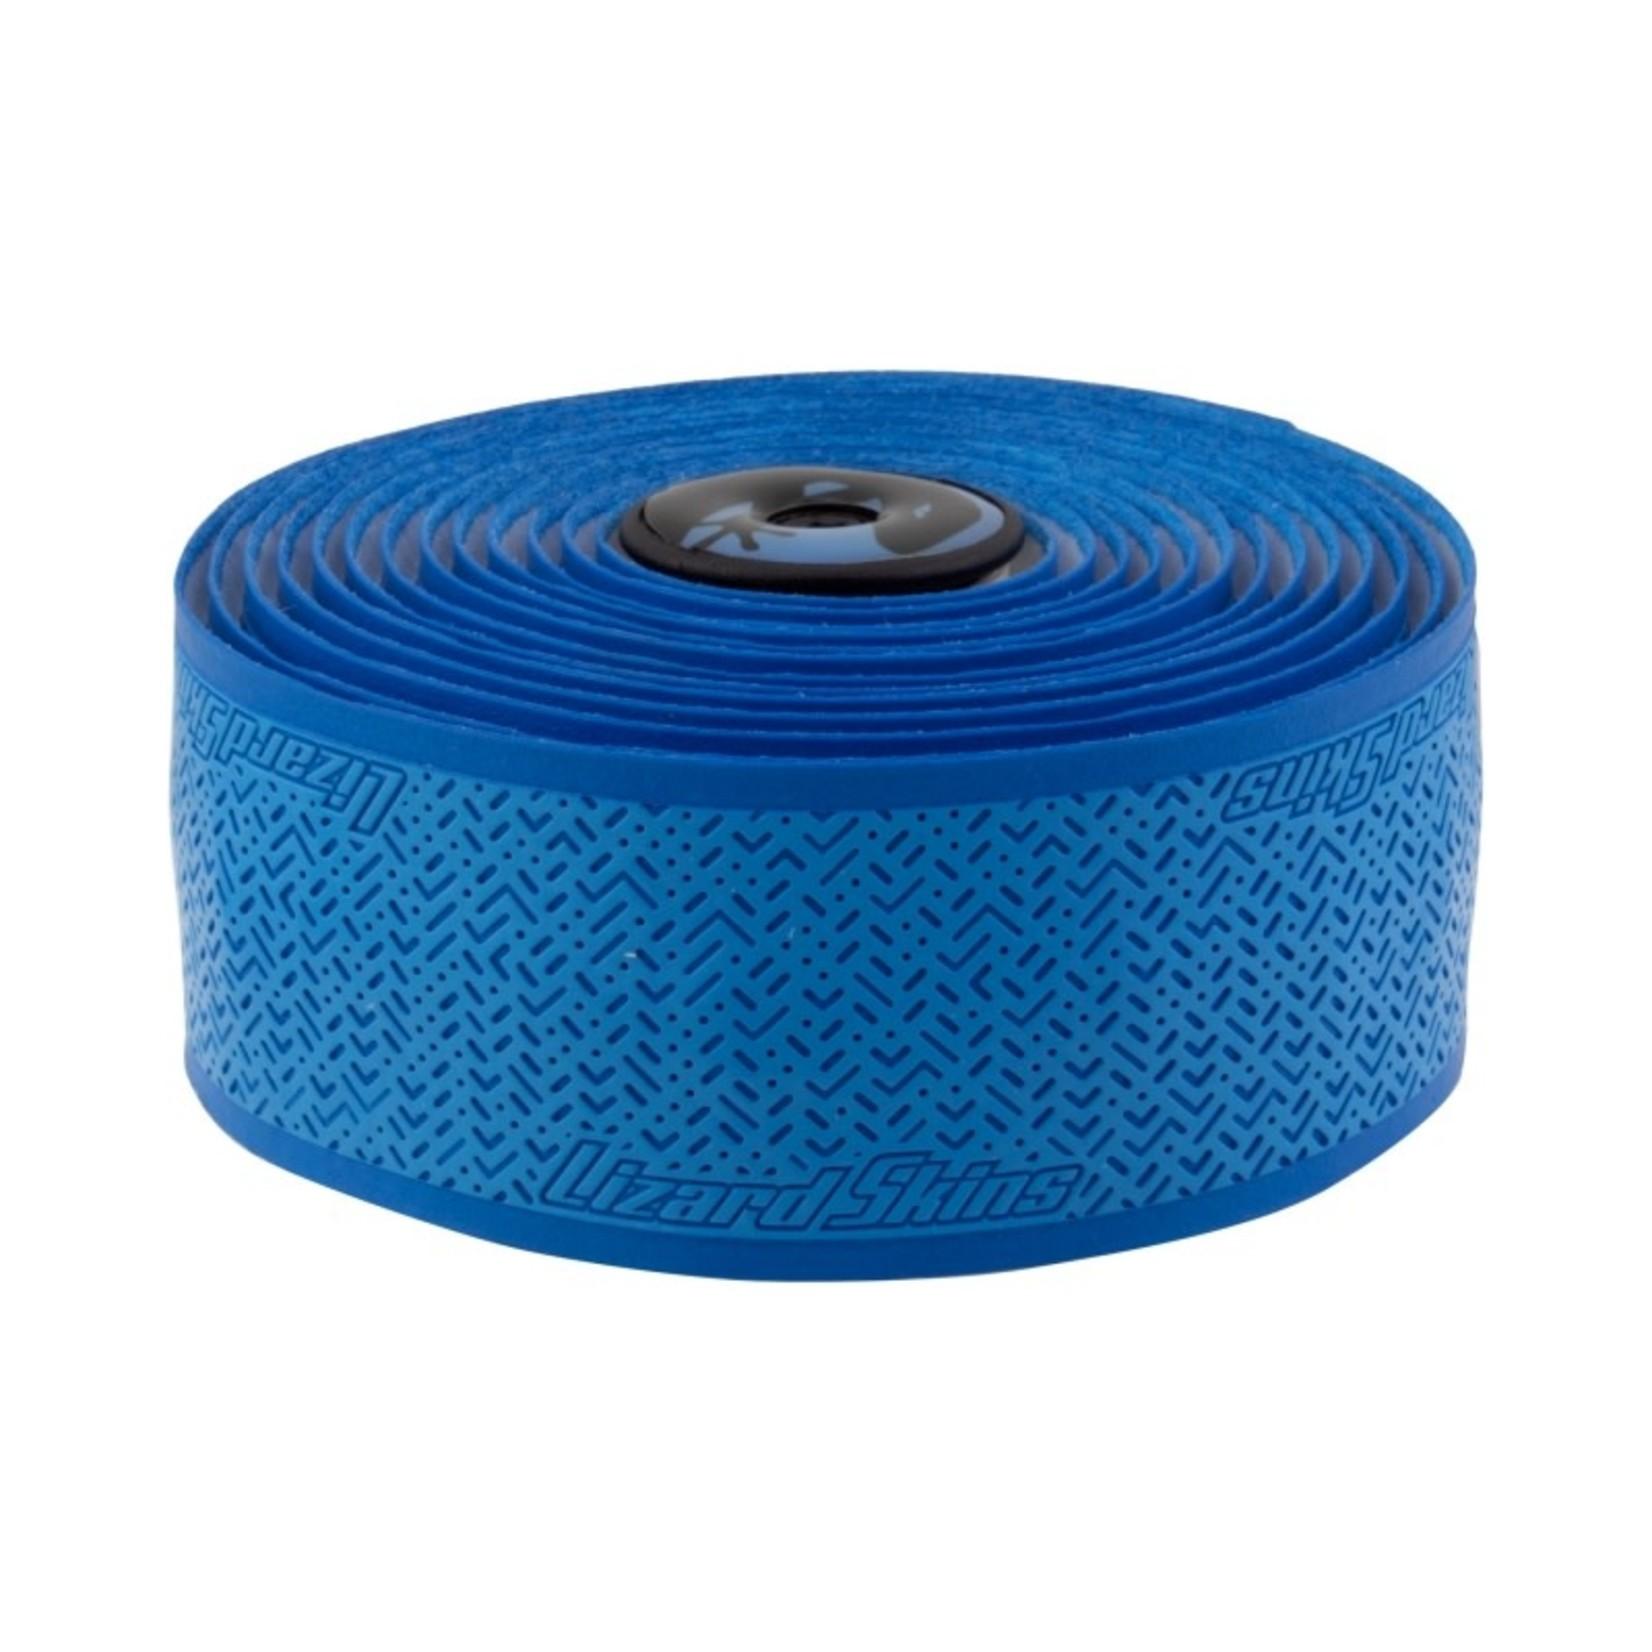 Lizard Skins Tape 1.8mm Cobalt Blue